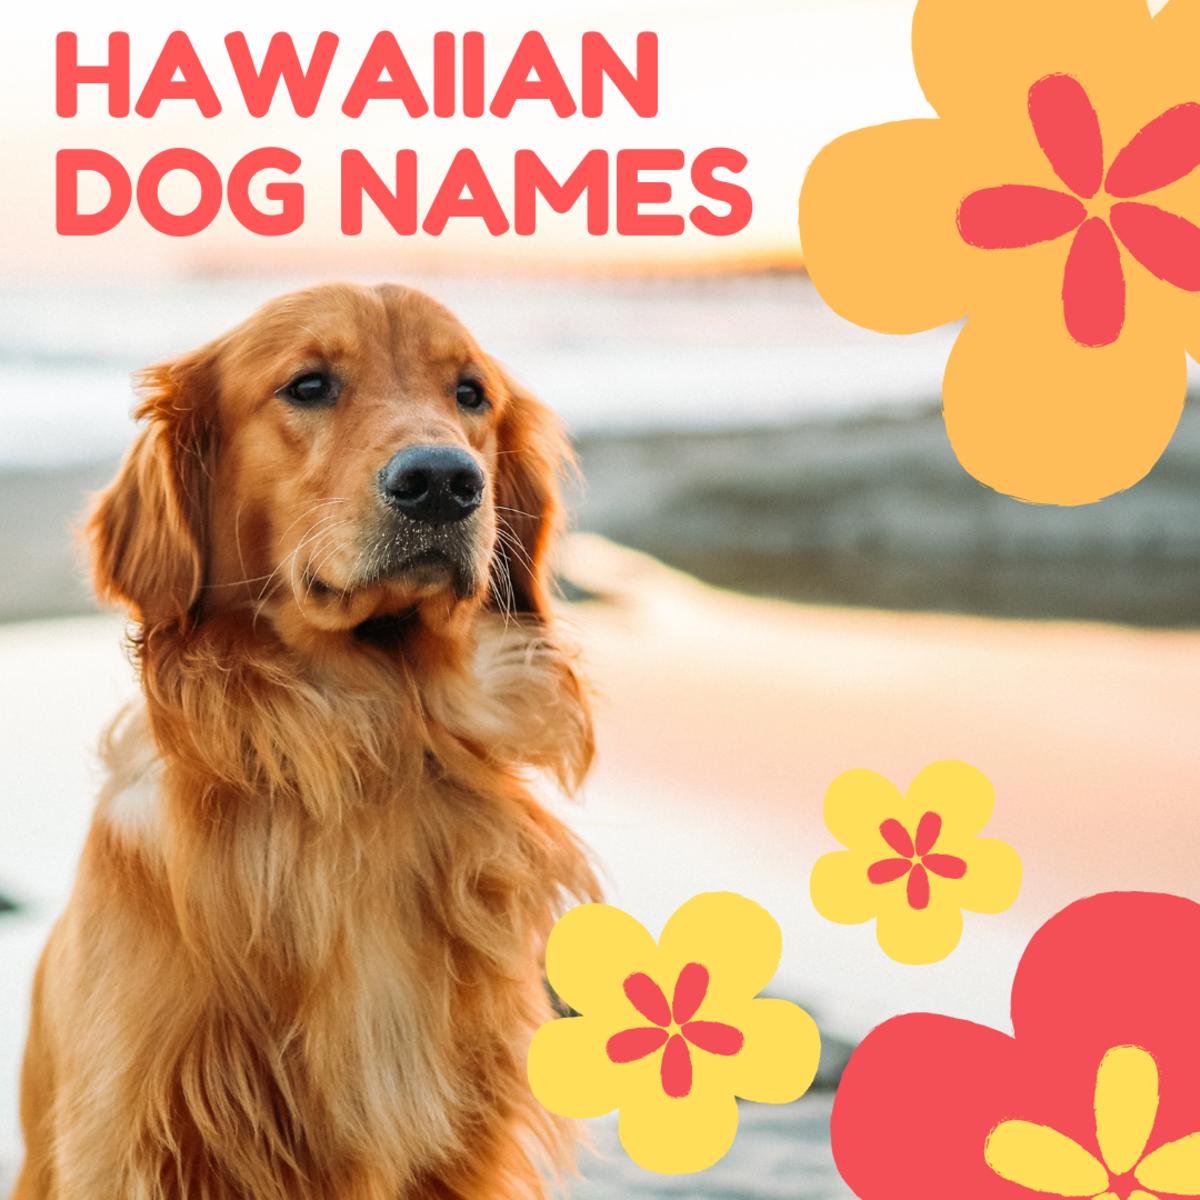 100+ Beautiful Hawaiian Dog Names